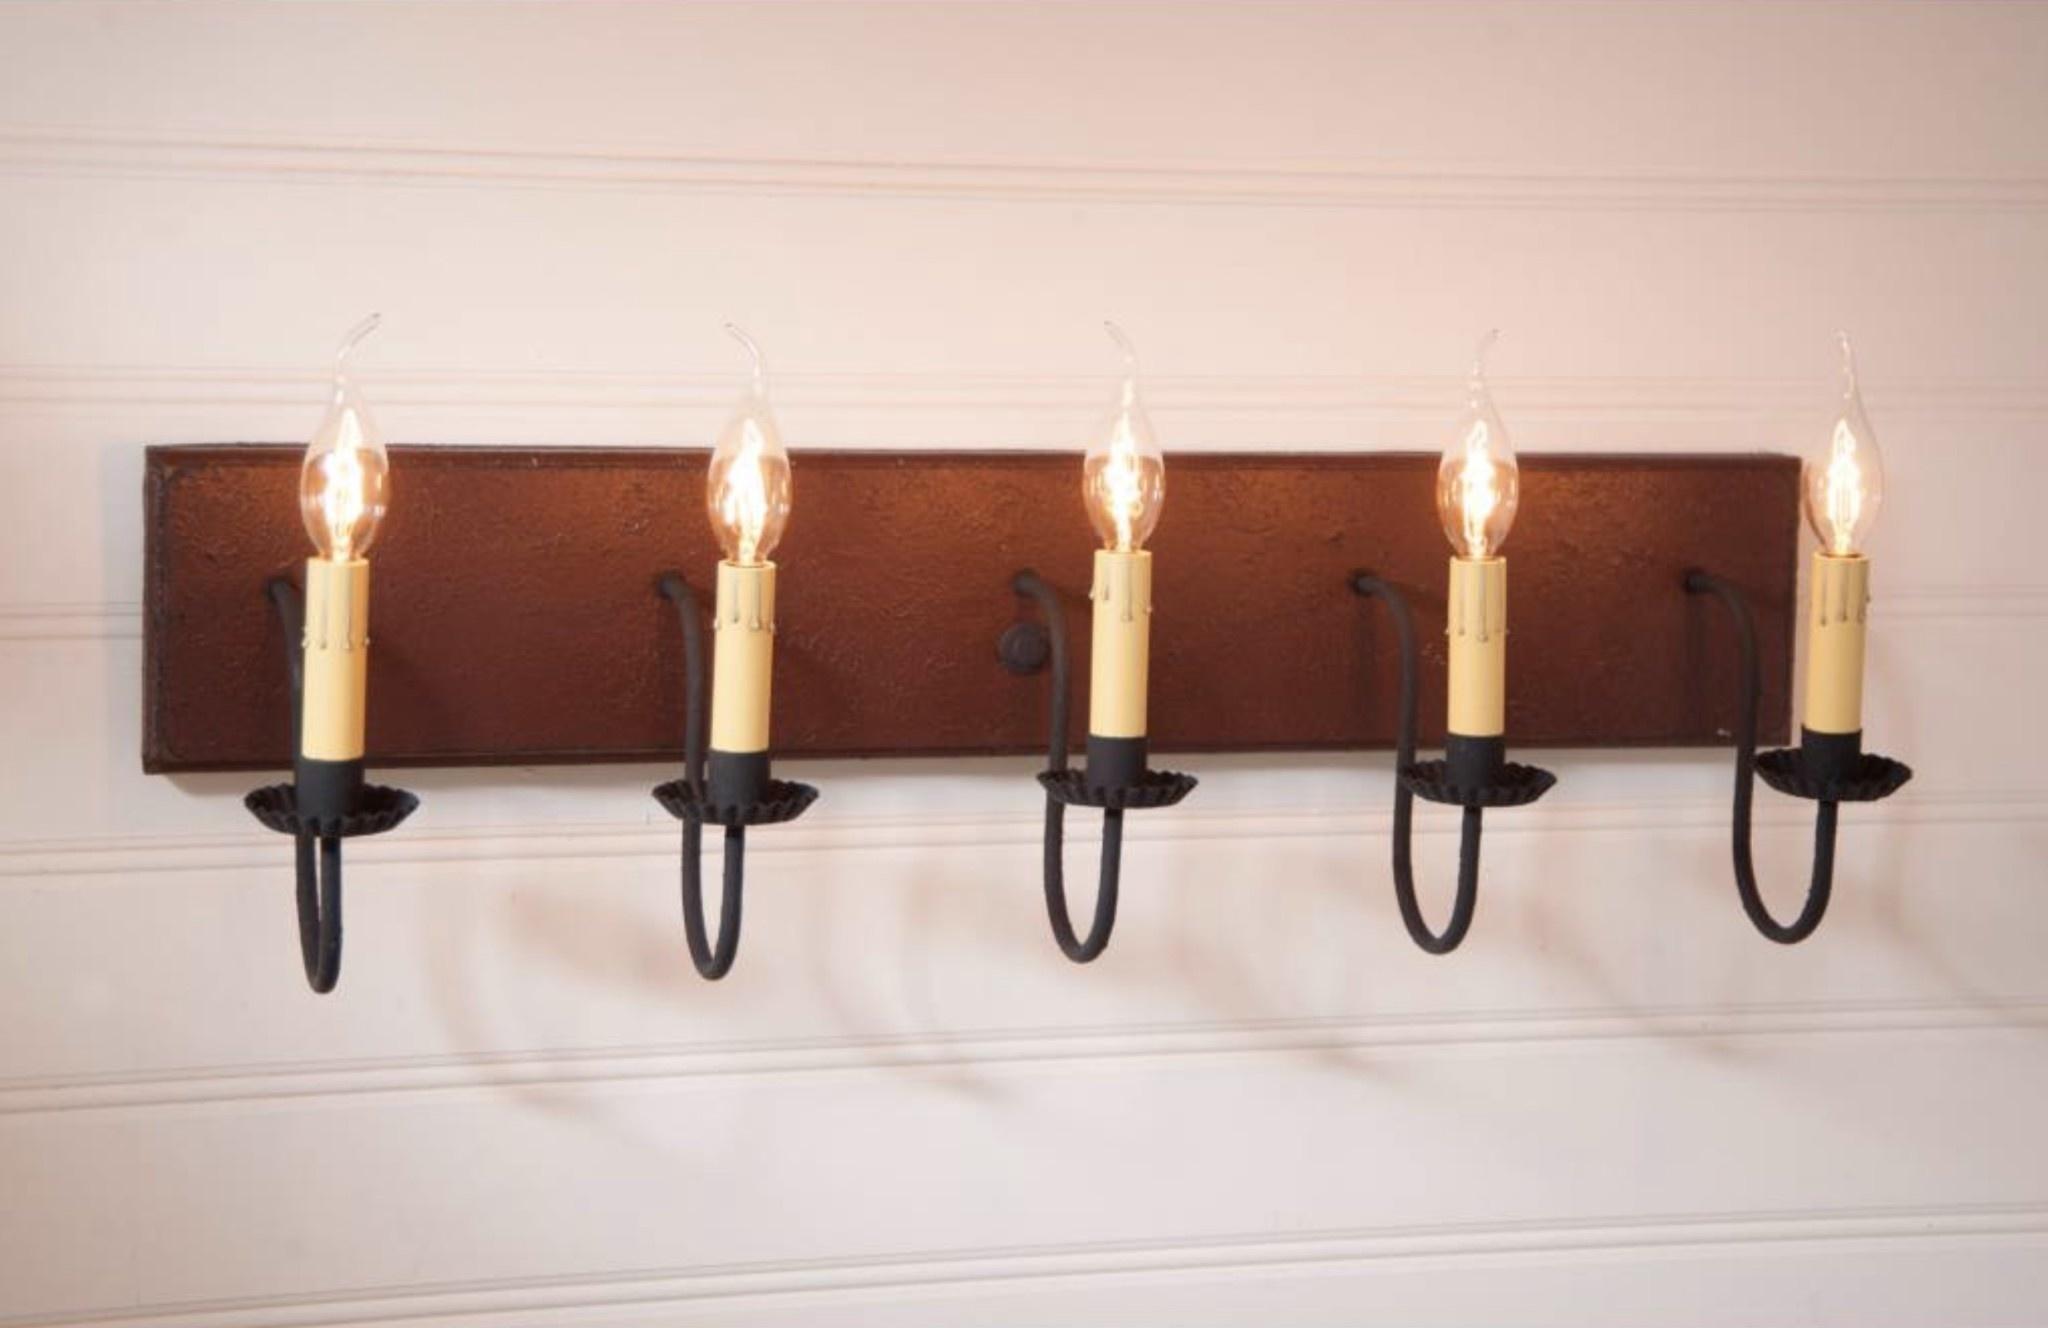 Irvin's Tinware 5 Light Vanity Light